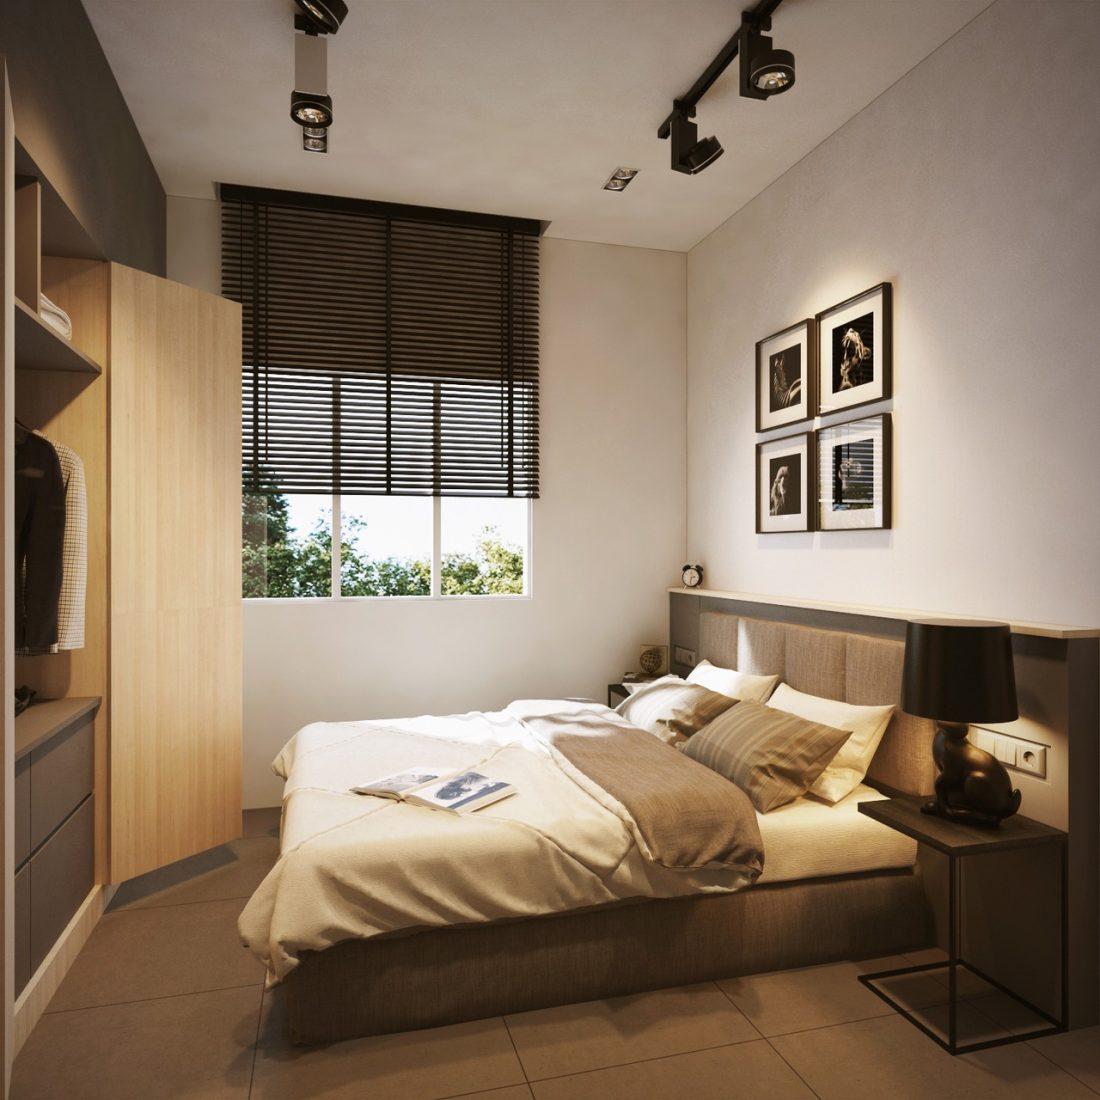 Interior Design SA65 Simpang Ampat Penang Malaysia Bedroom Design 2 v2